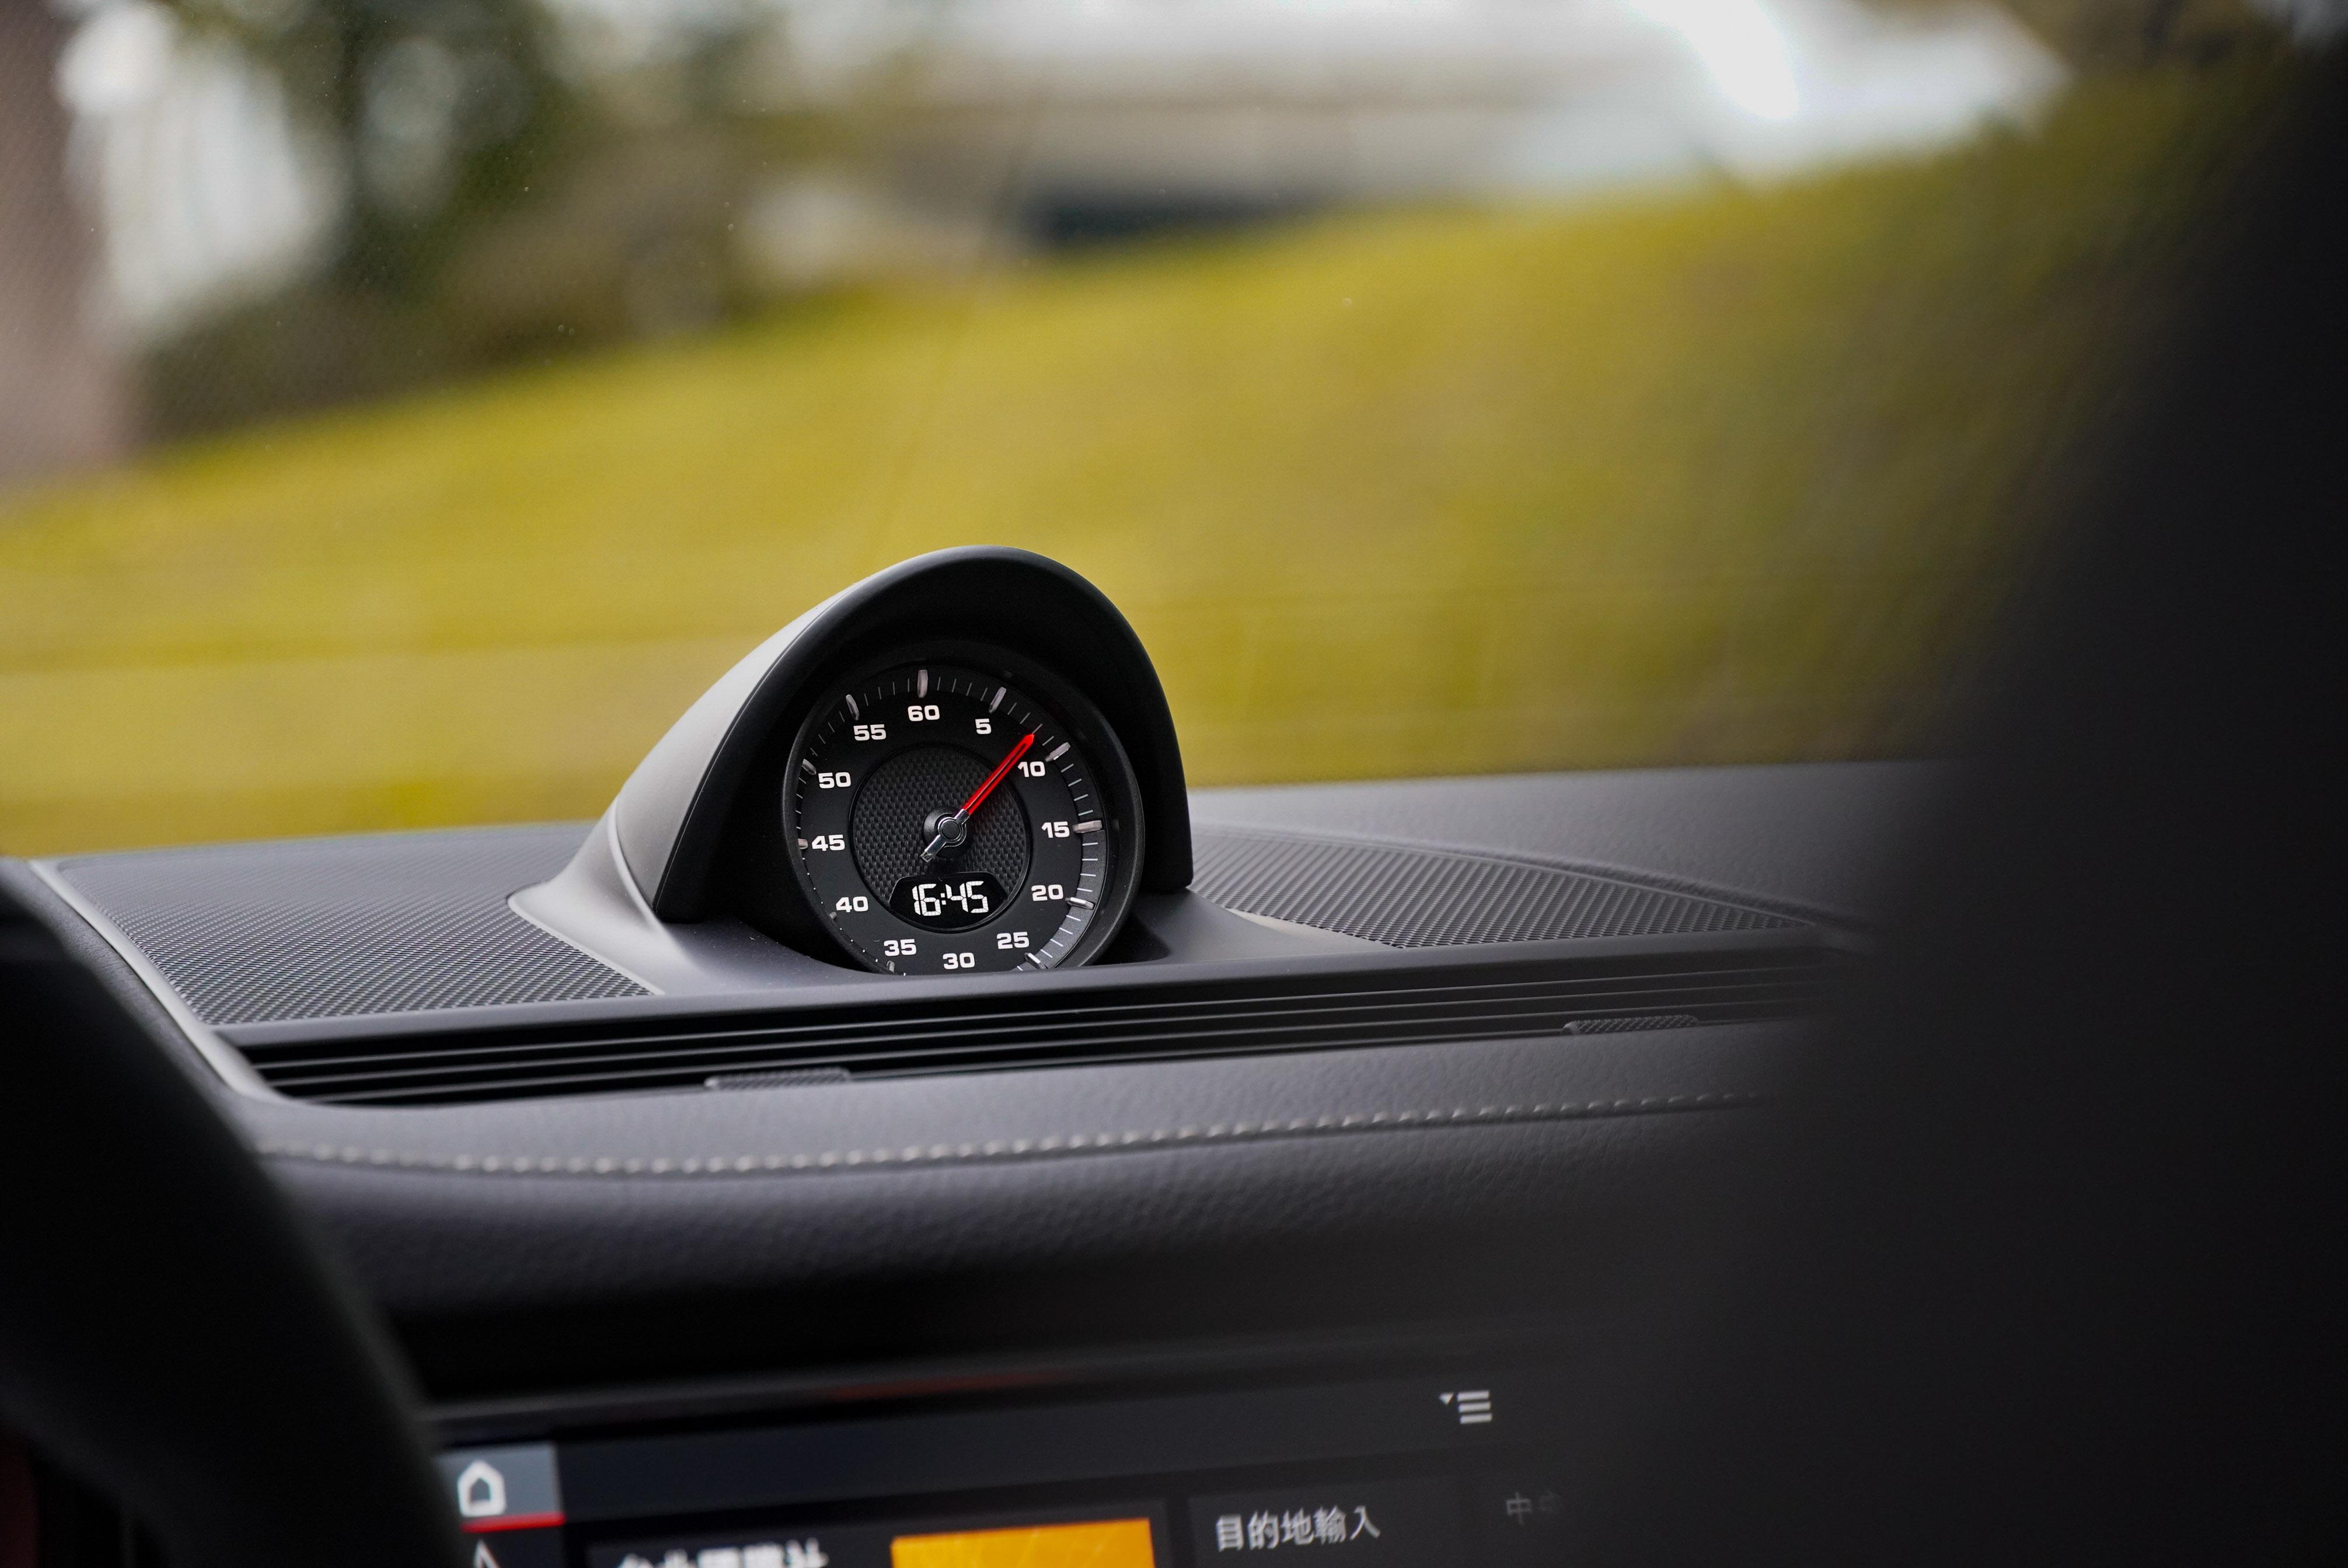 跑車計時套件可說是 Porsche 車款都少不了的配備。